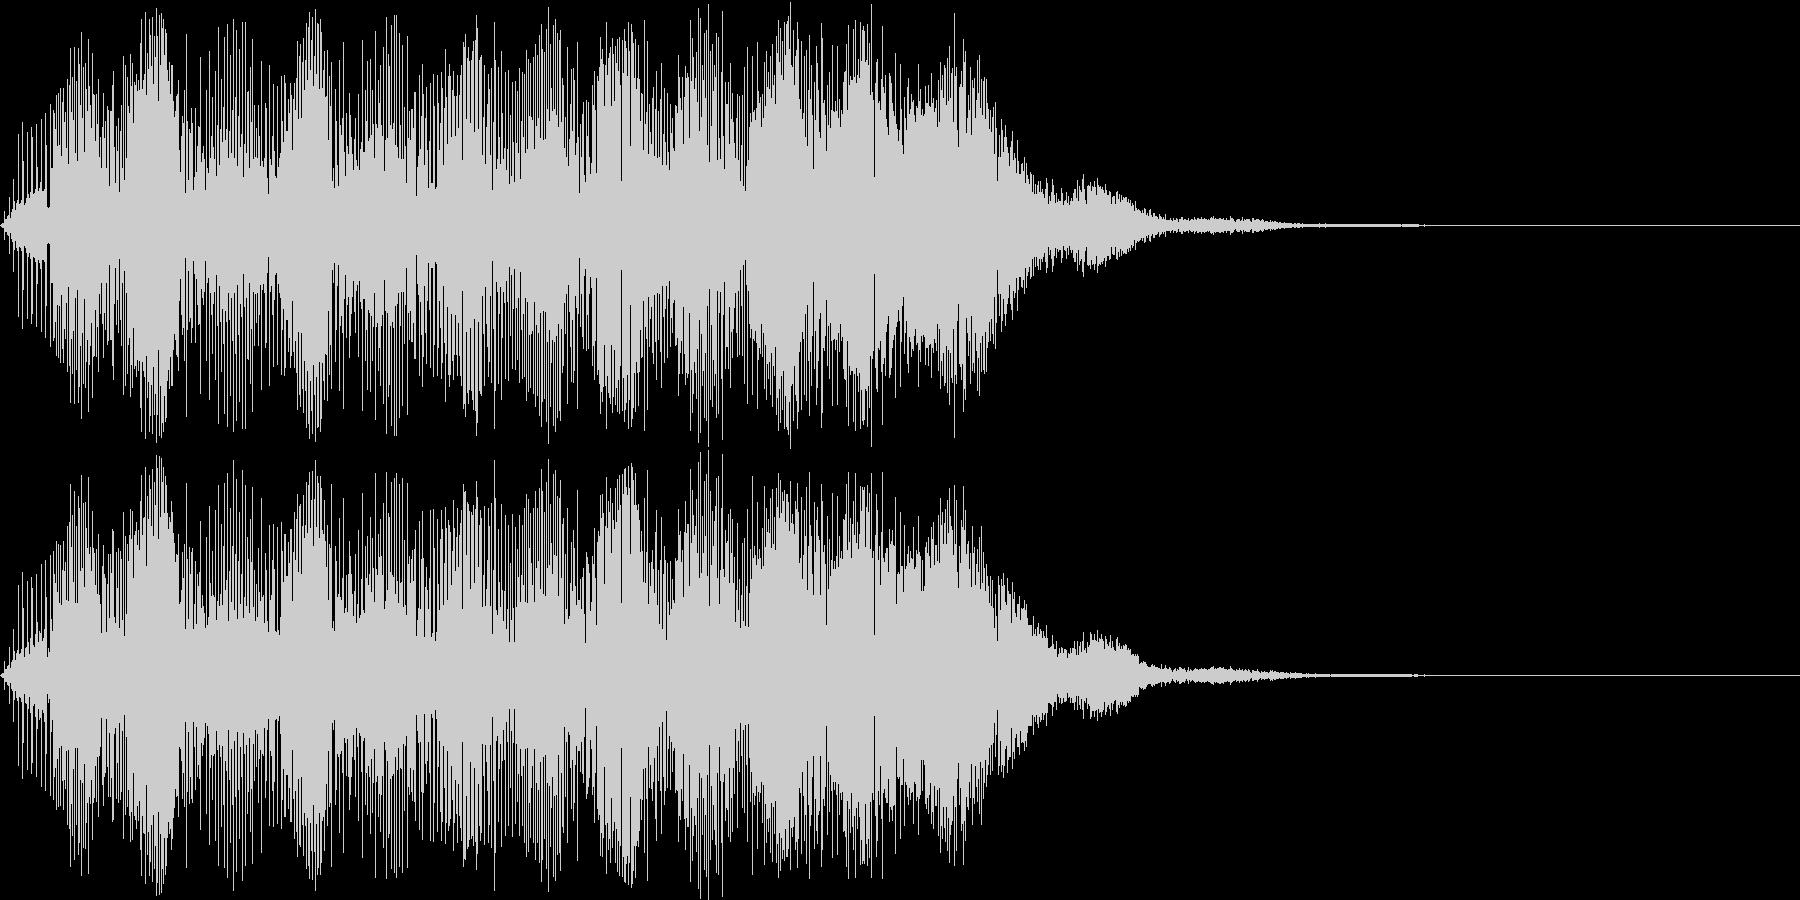 明るい響きのアラーム音(上昇する電子音)の未再生の波形